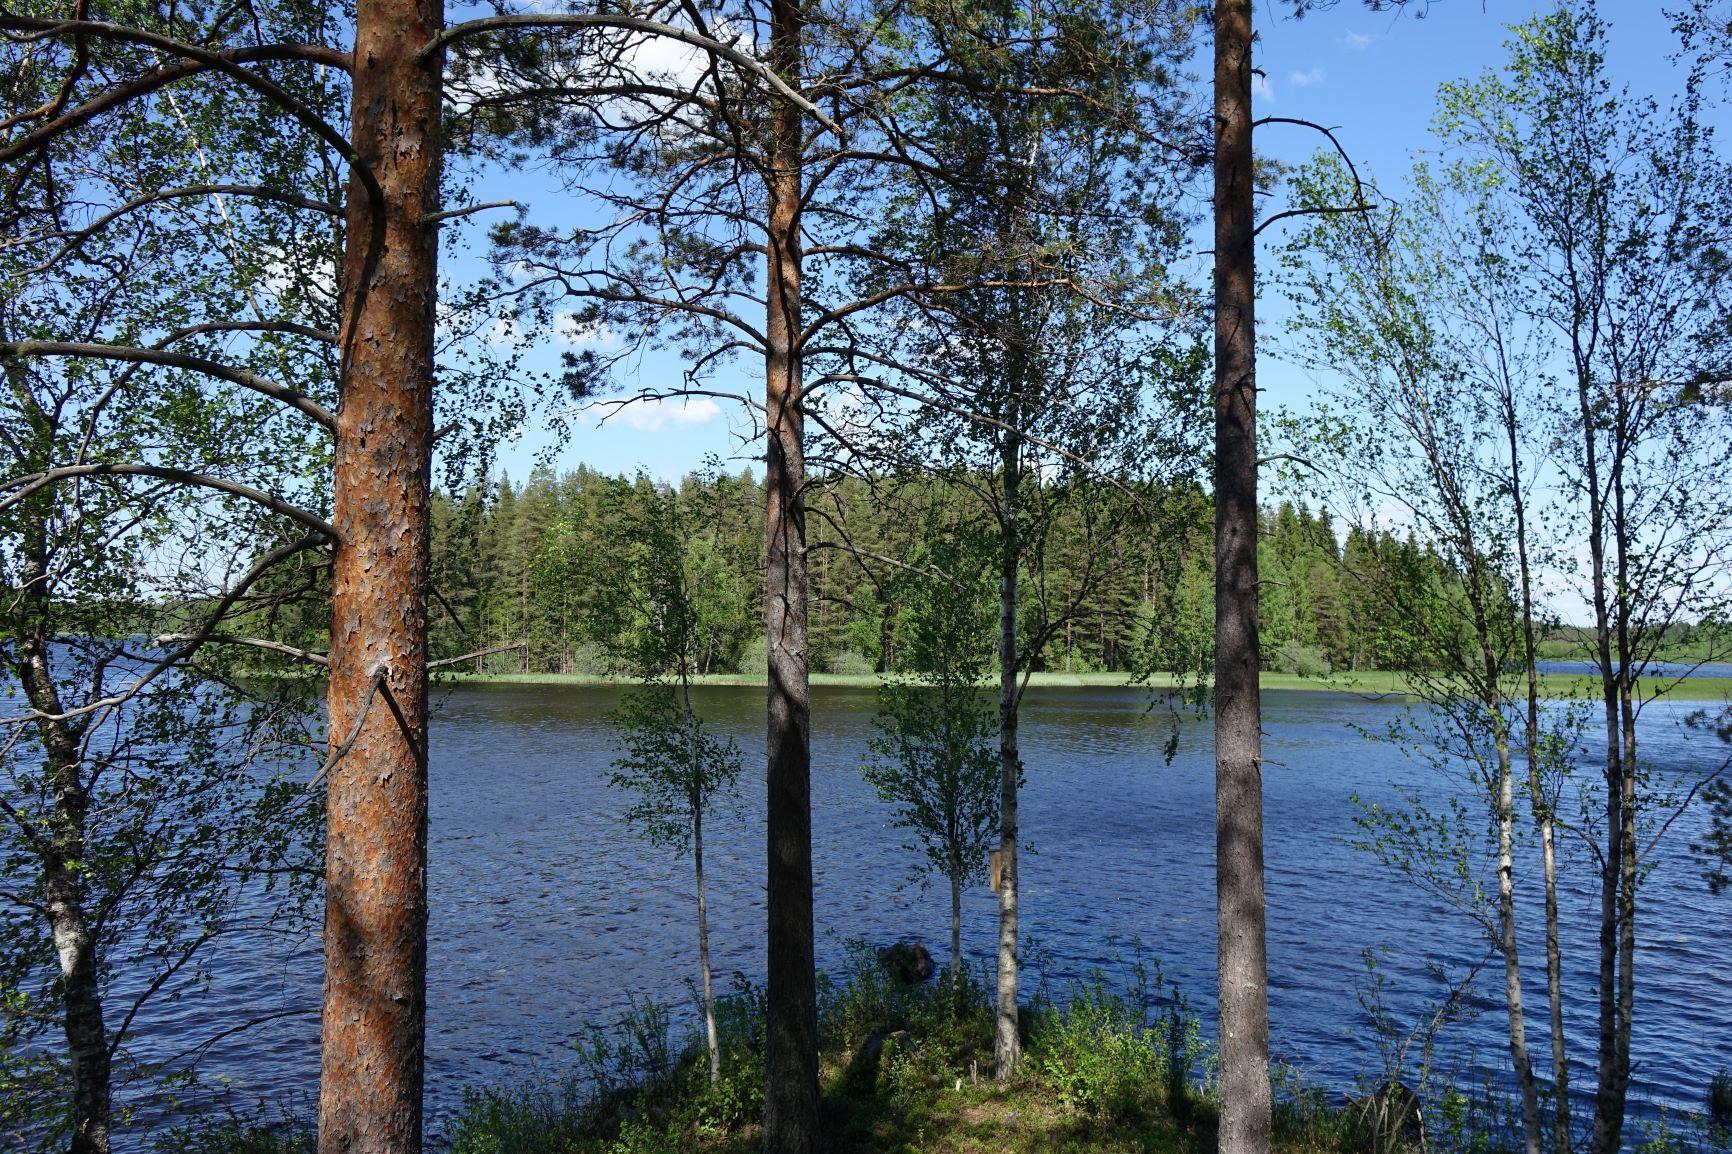 Une île lacustre et boisée en Finlande. Photo : Sébastien de Nord Espaces